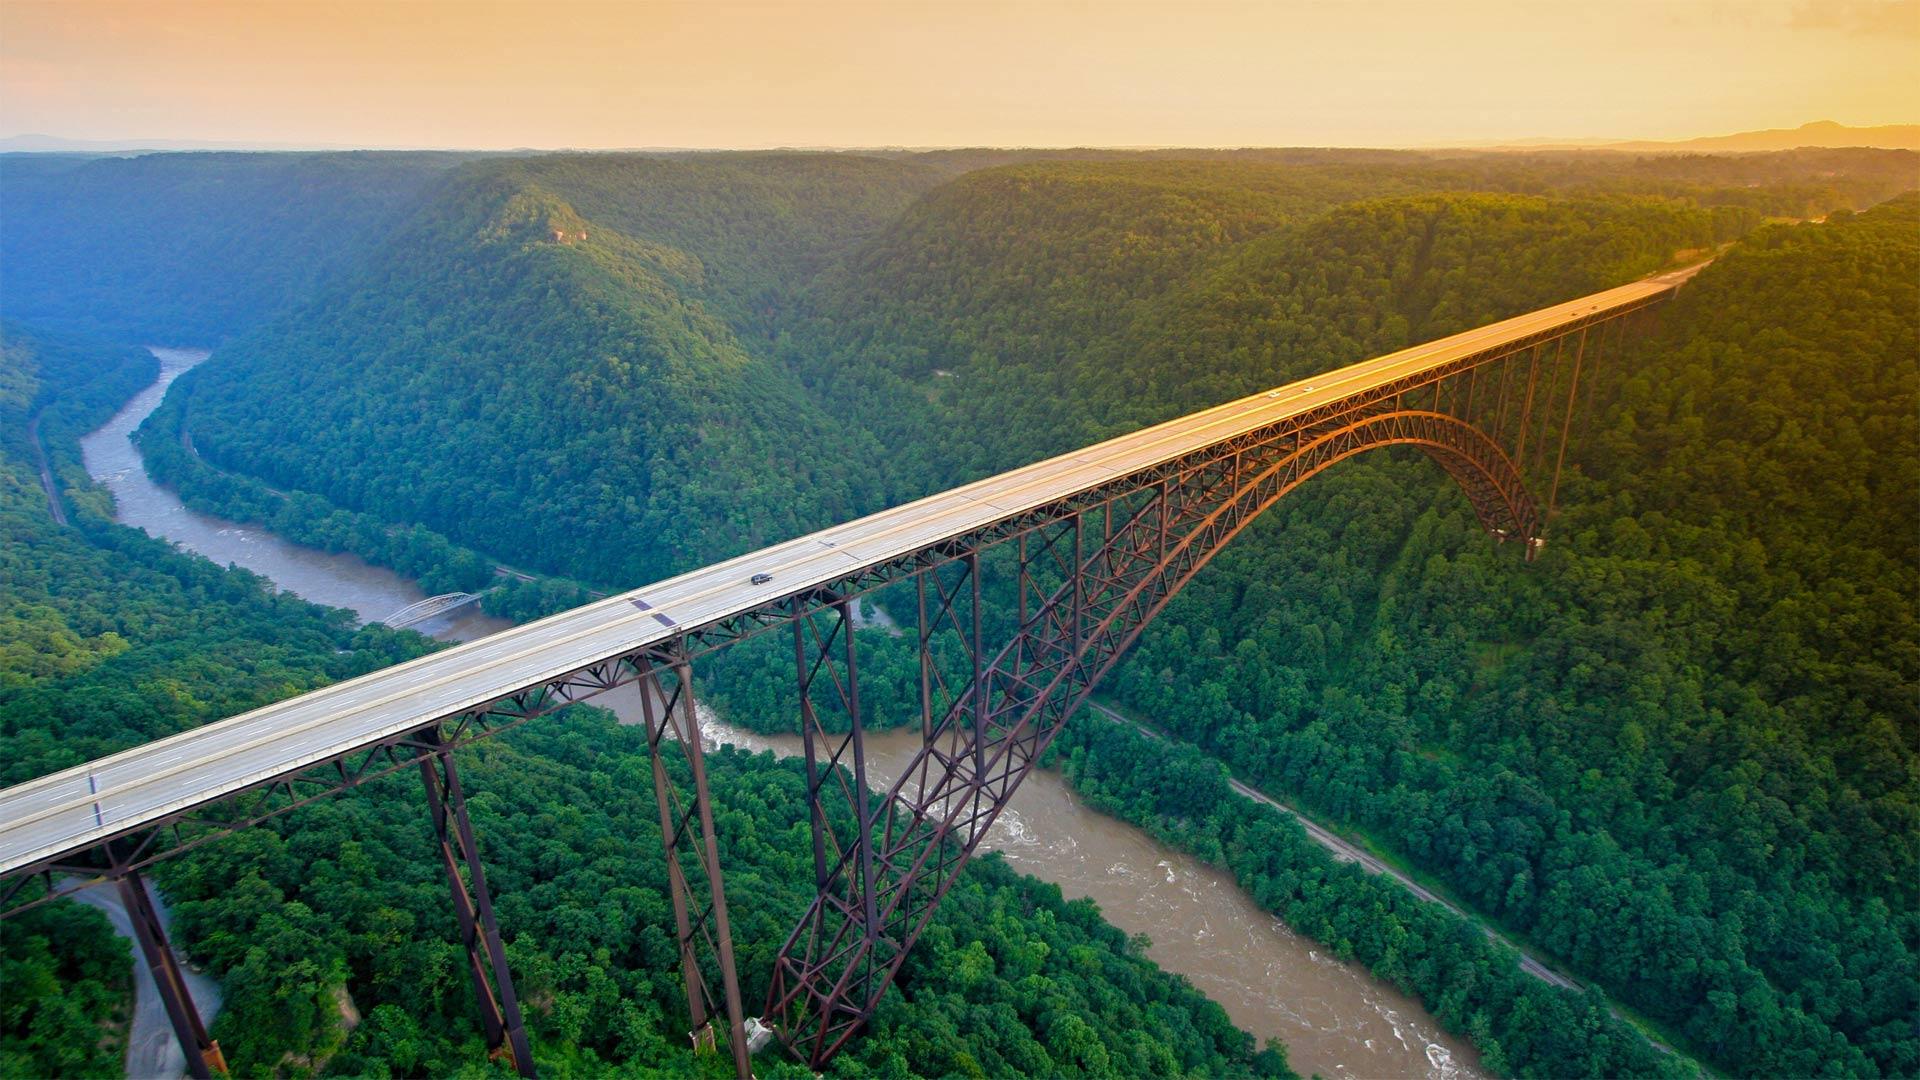 「ニュー川渓谷橋」米国, ウェストバージニア州 (© EntropyWorkshop/iStock/Getty Images Plus)